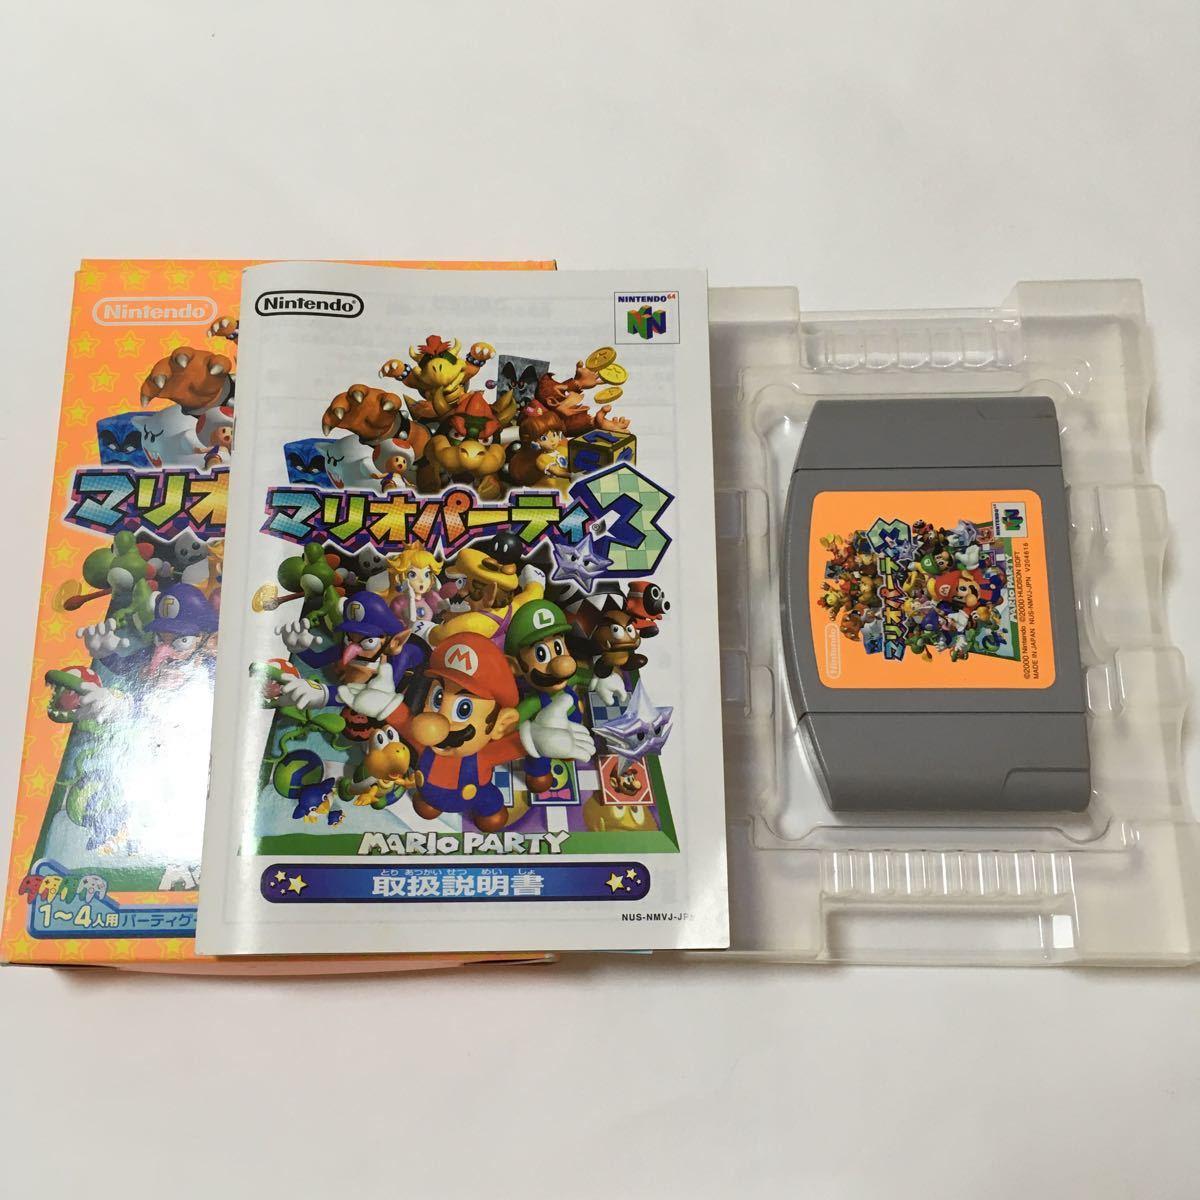 ニンテンドー64 ソフト マリオパーティ3 動作確認済み 箱、説明書付き レトロ ゲーム カセット 任天堂 マリパ